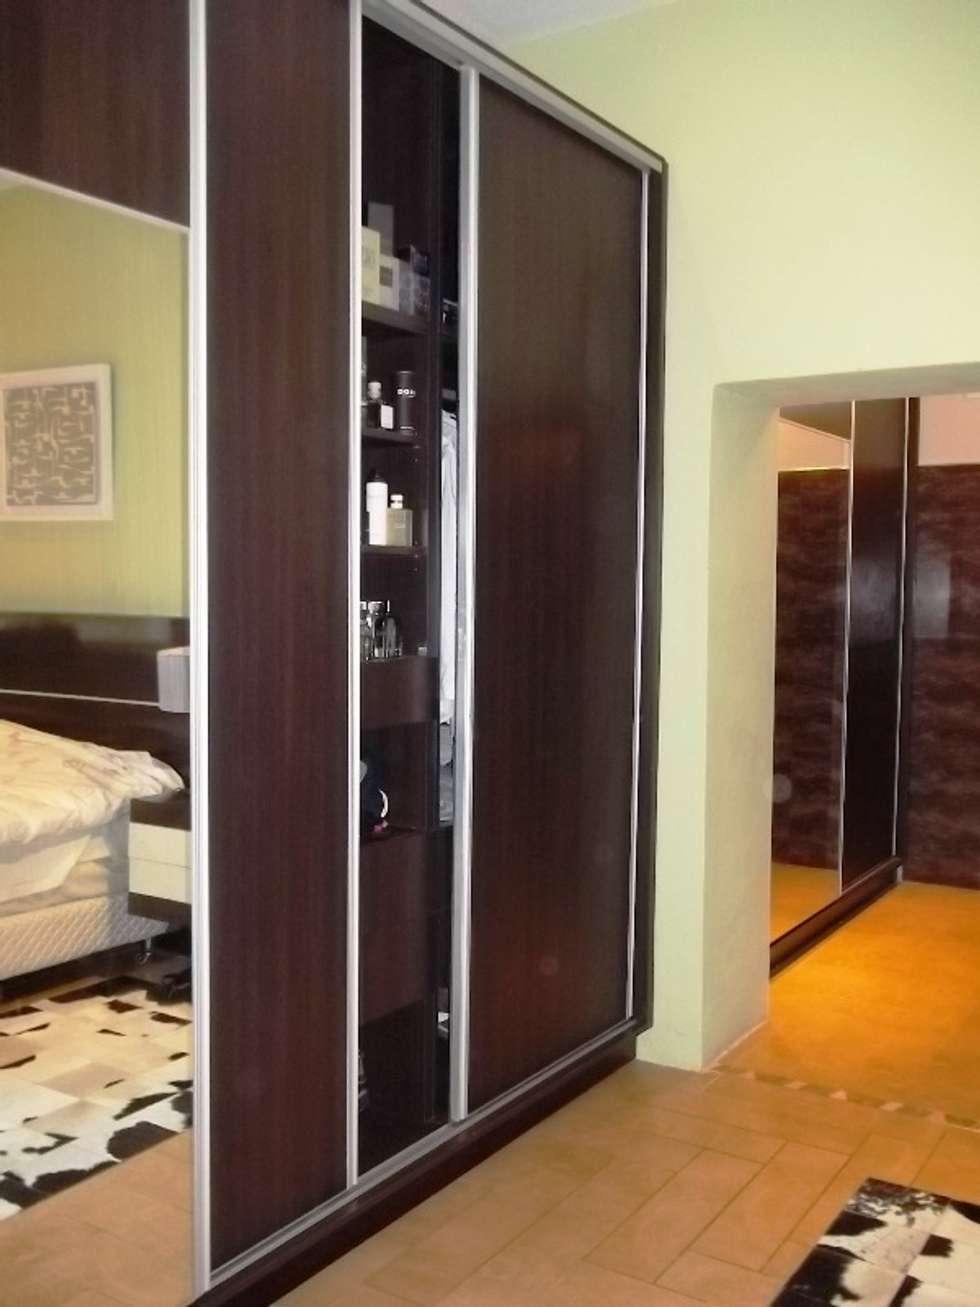 Placard: Dormitorios de estilo colonial por Liliana almada Propiedades